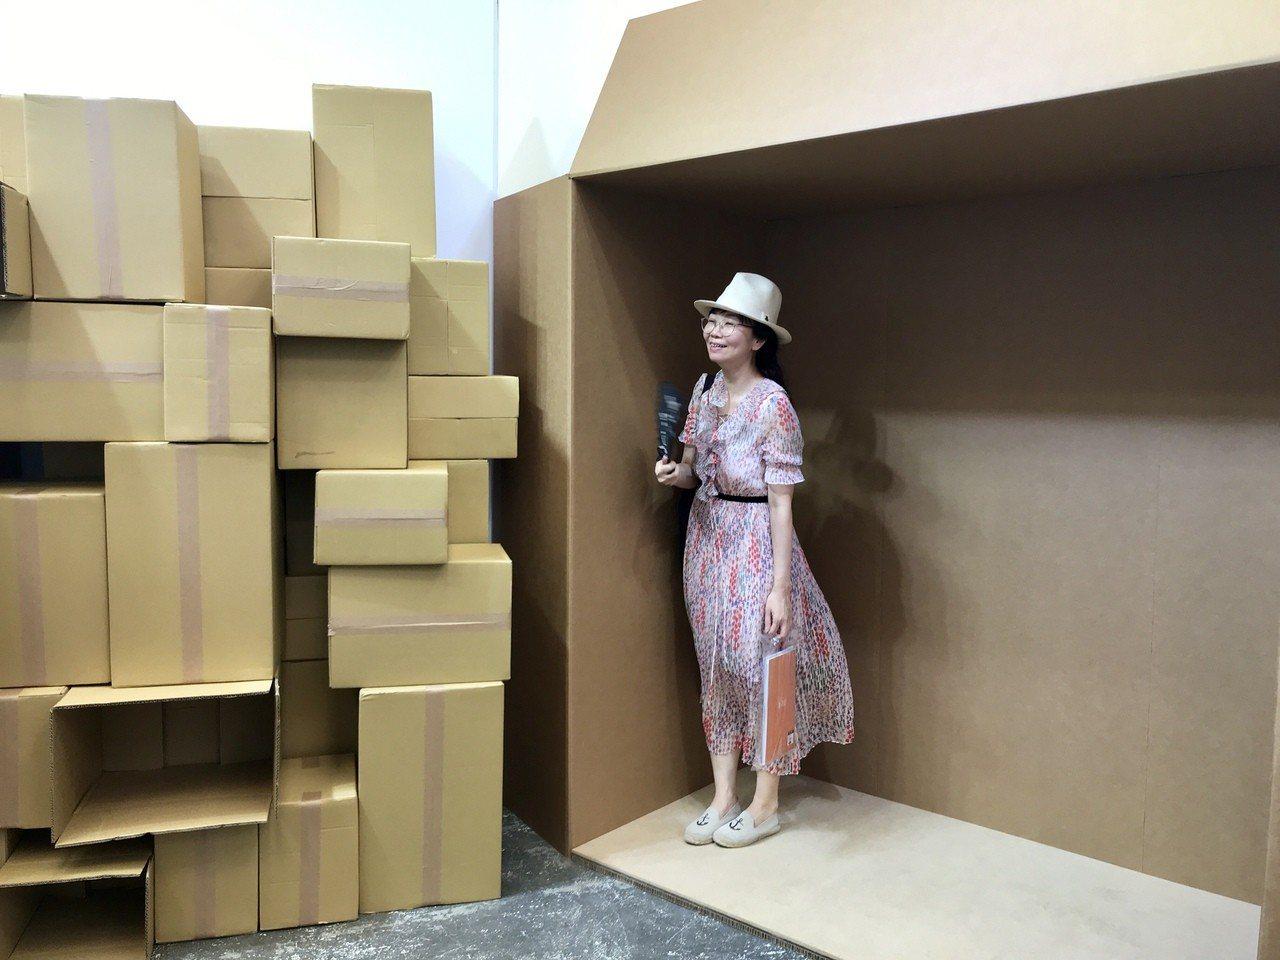 設置貓咪最愛的大型紙箱。記者江佩君/攝影